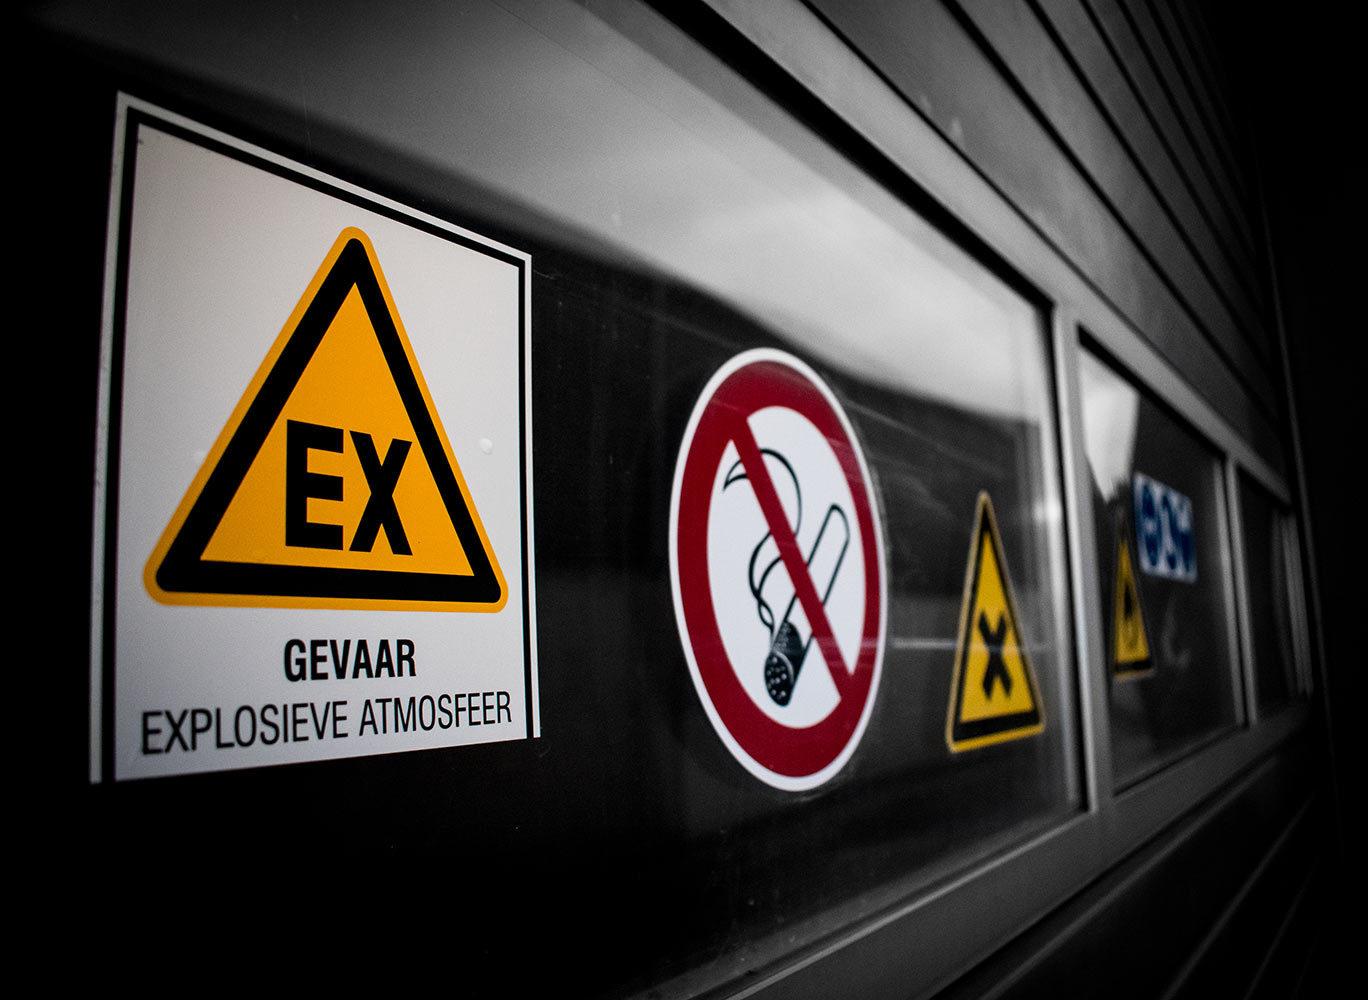 EX and Atex